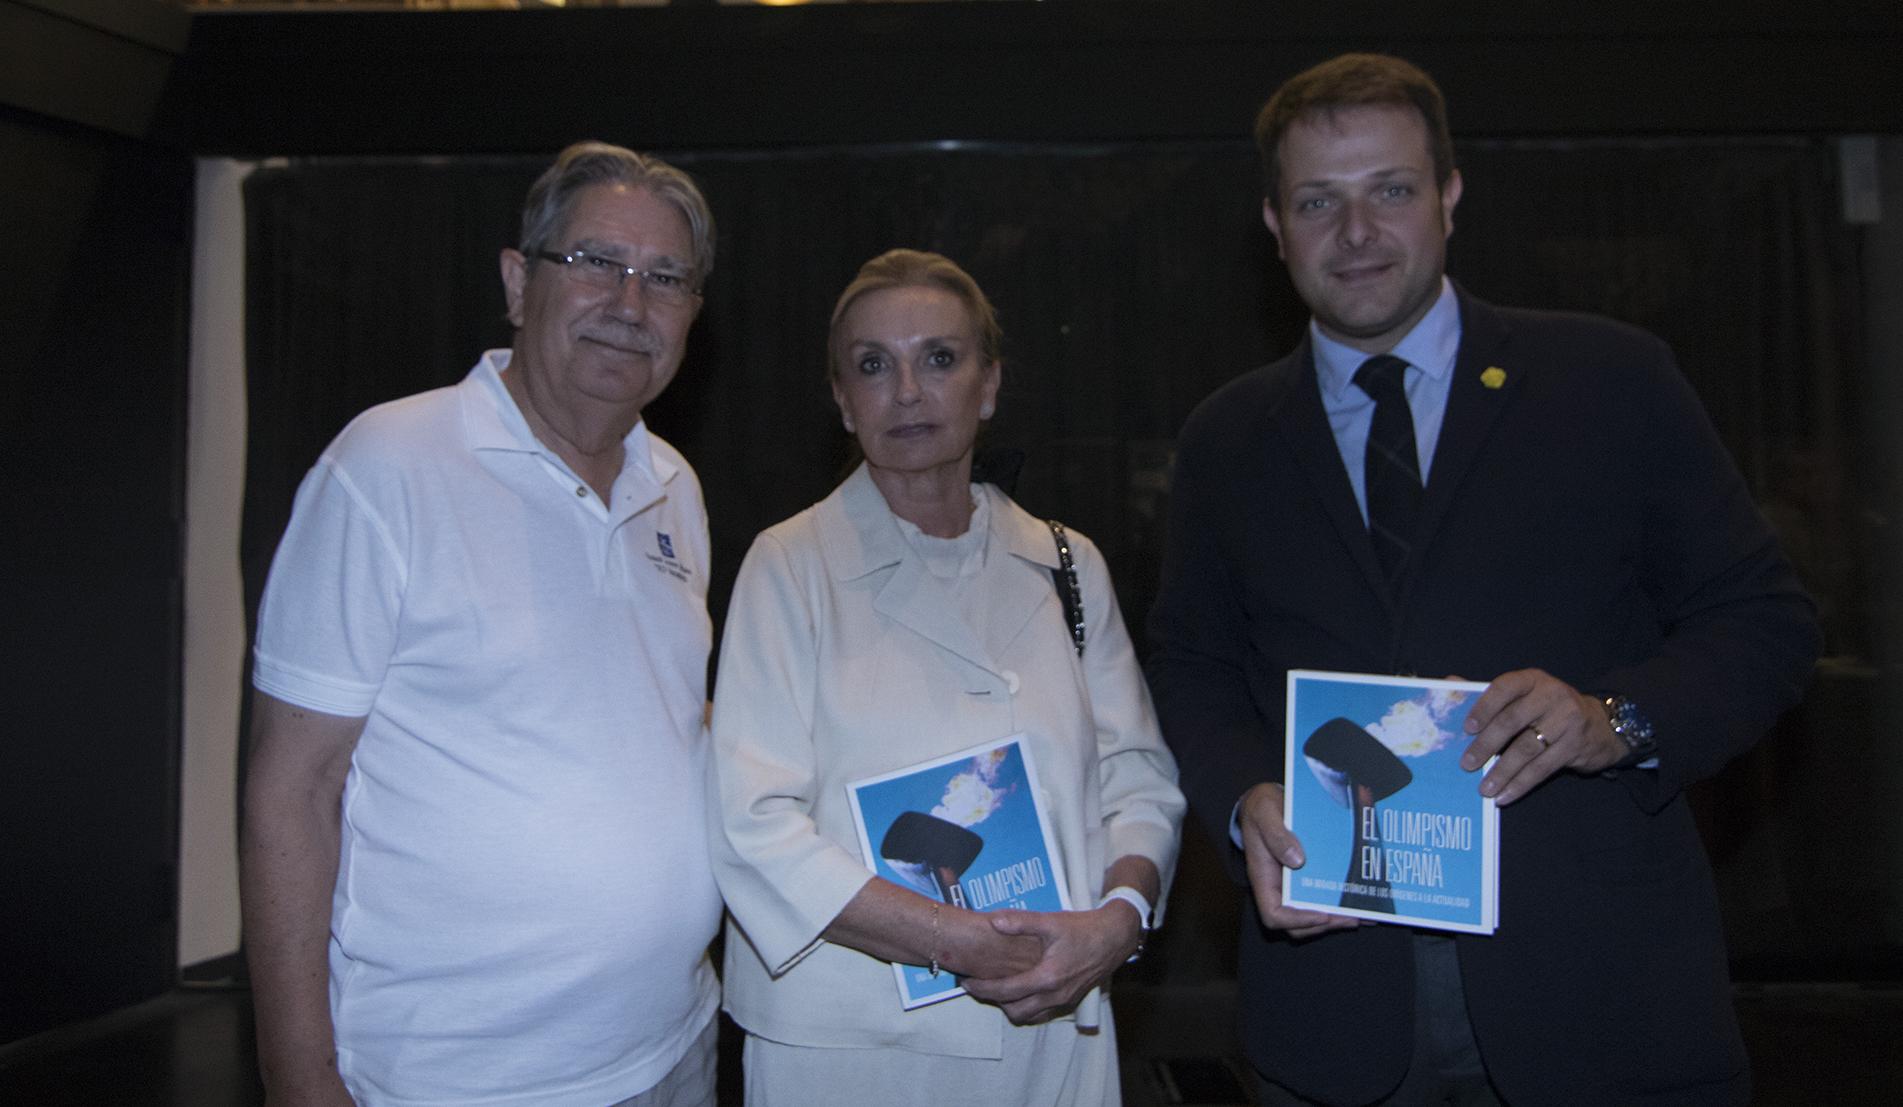 Olimpismo Esmana Museu Olimpic SAmaranch Pernas Figueras